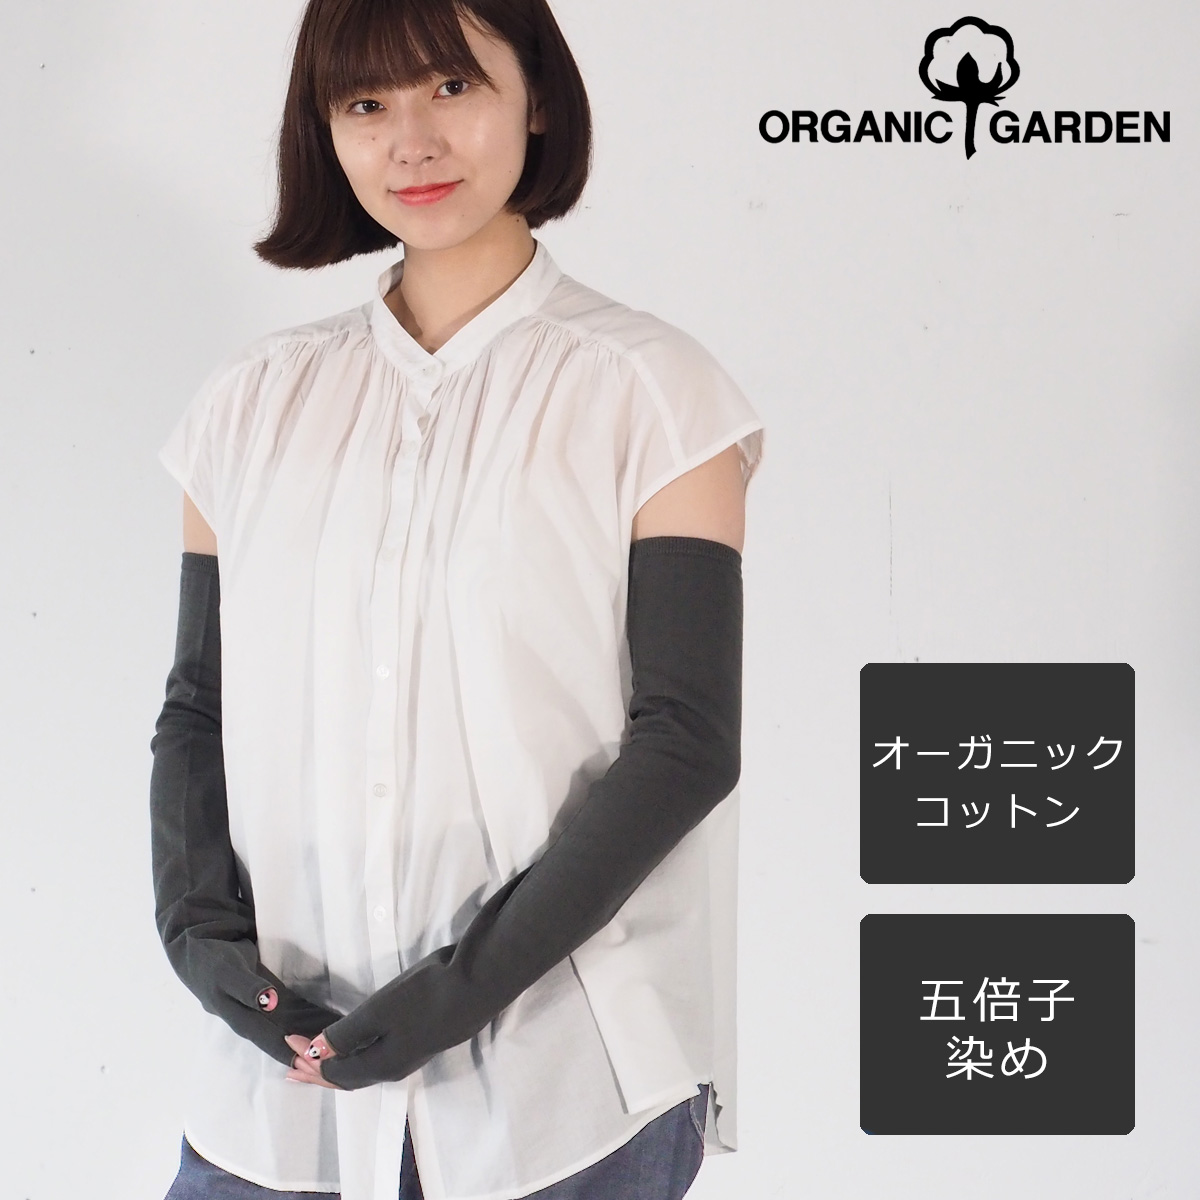 ORGANIC GARDEN(オーガニックガーデン) アームカバー UVケア オーガニックコットン100% 五倍子染め レディース [NS8873]